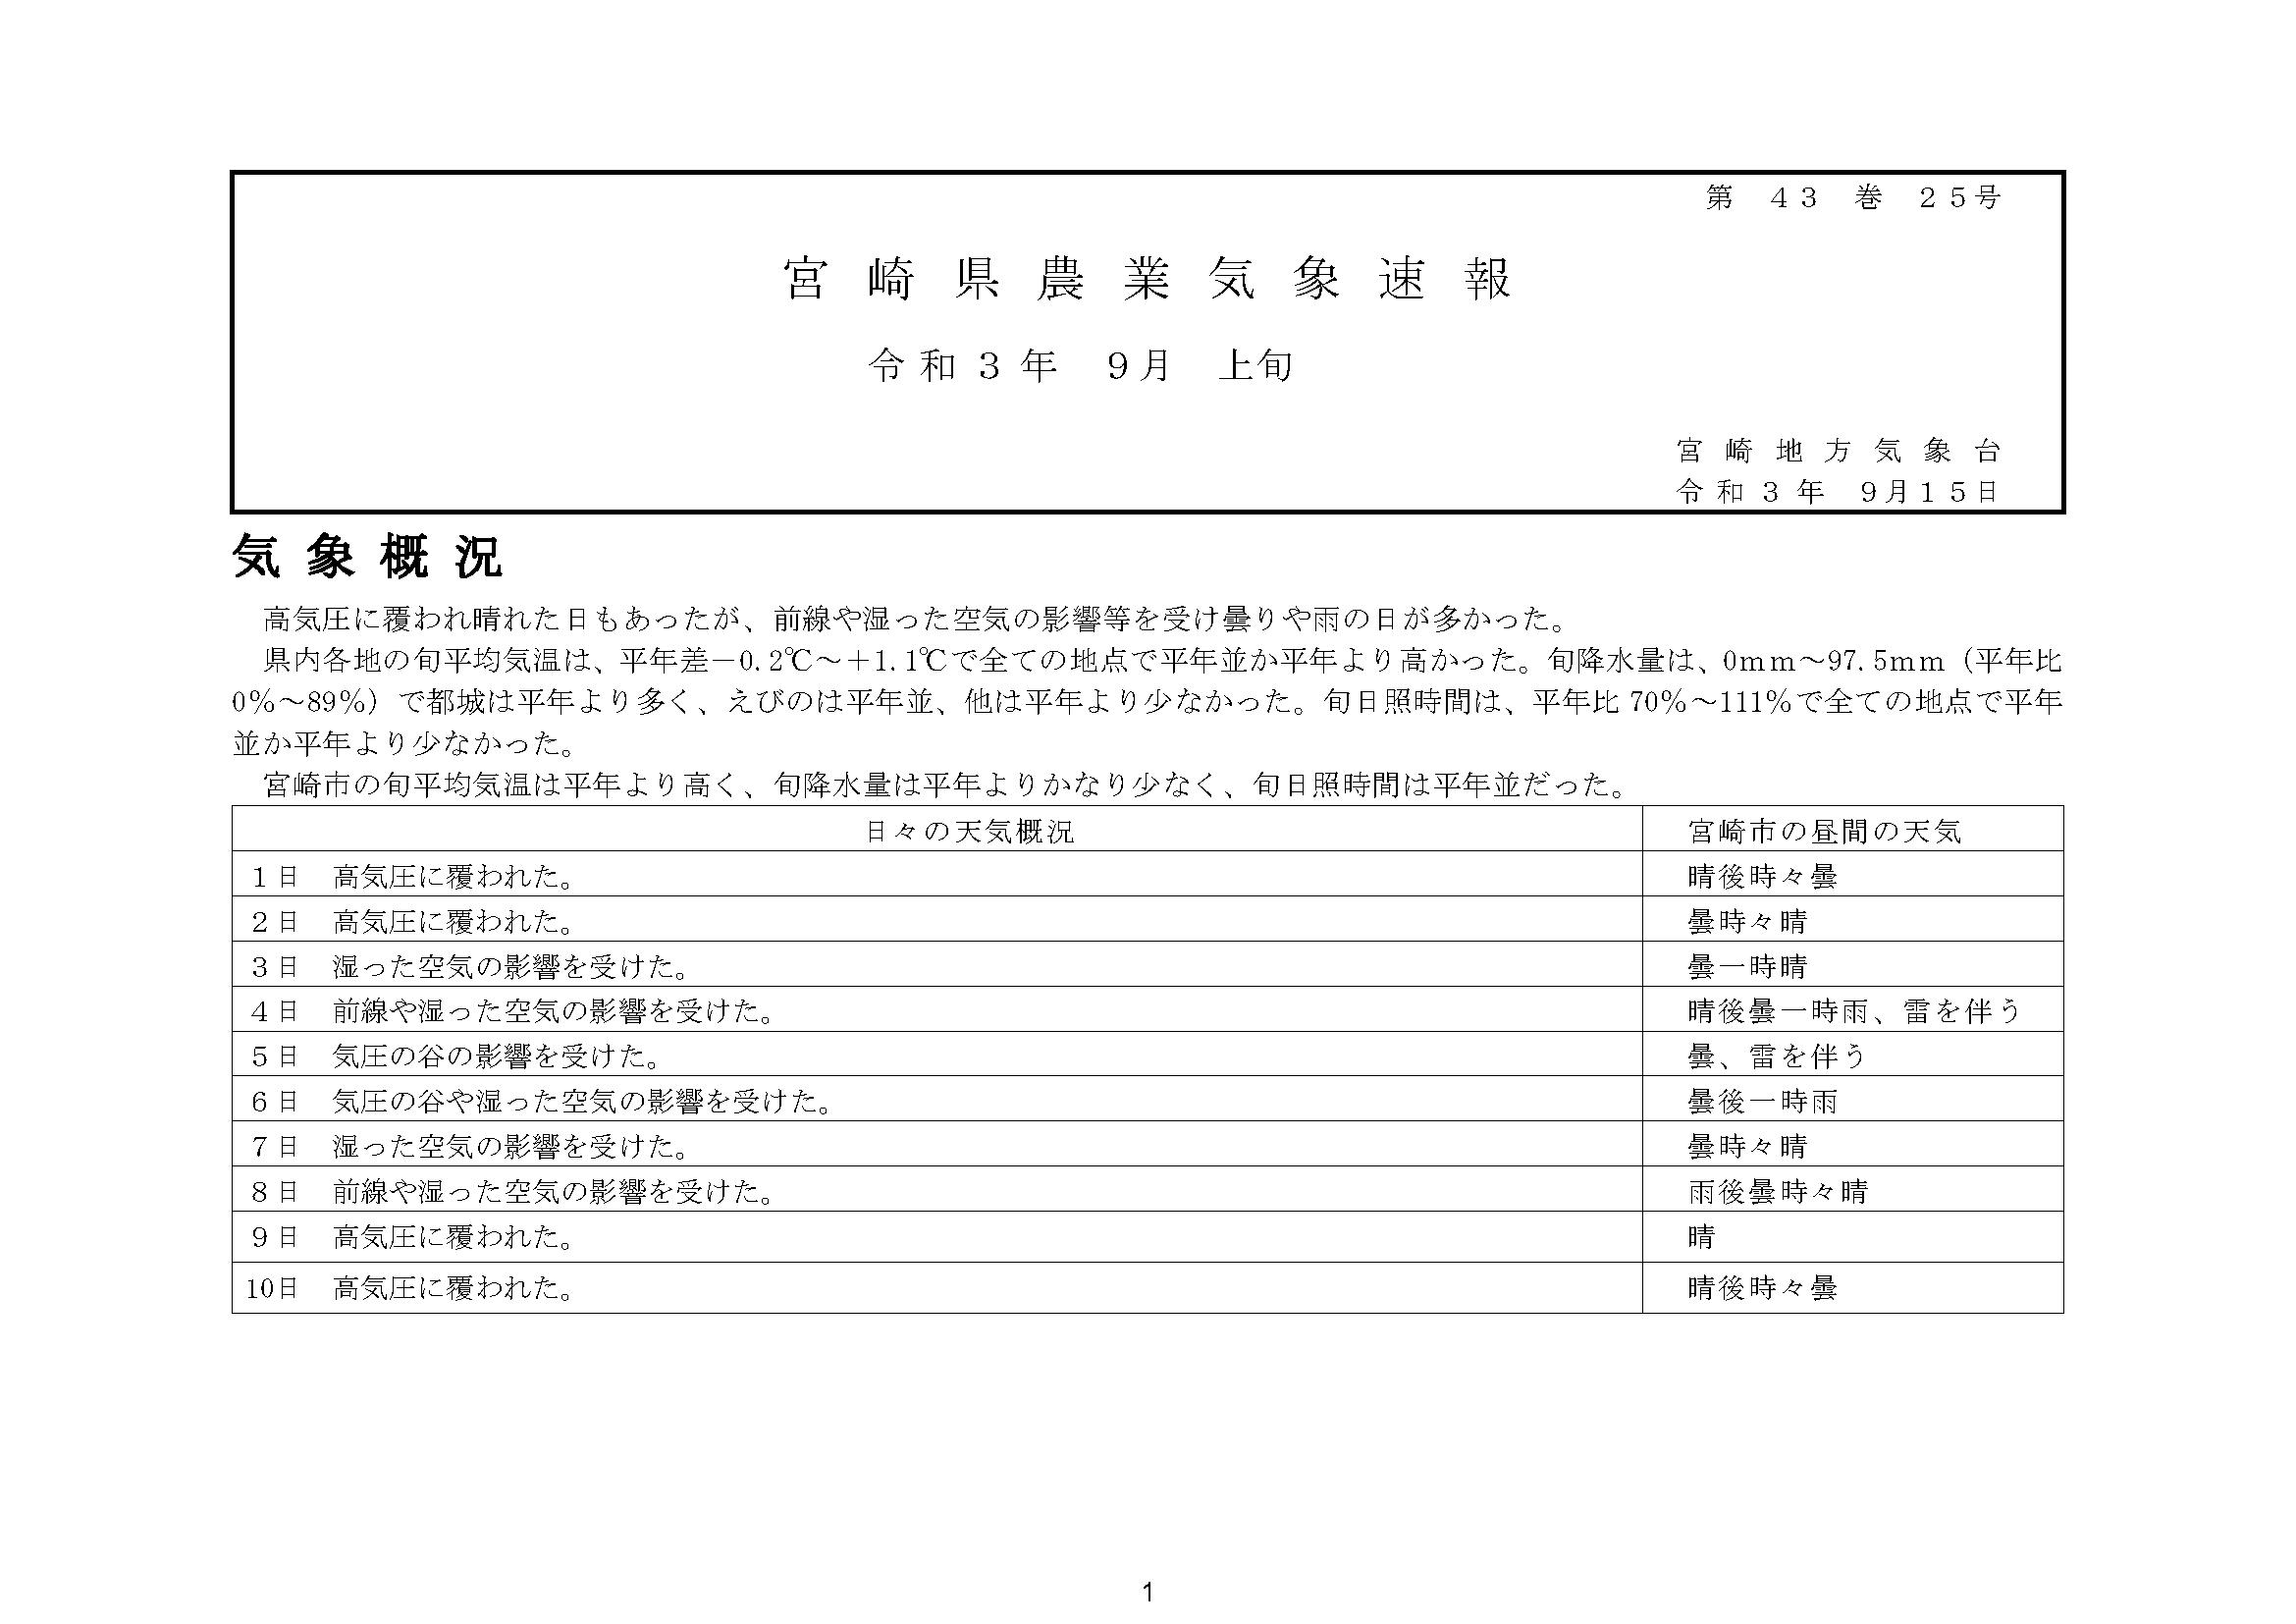 宮崎県農業気象速報令和3年9月上旬PDF